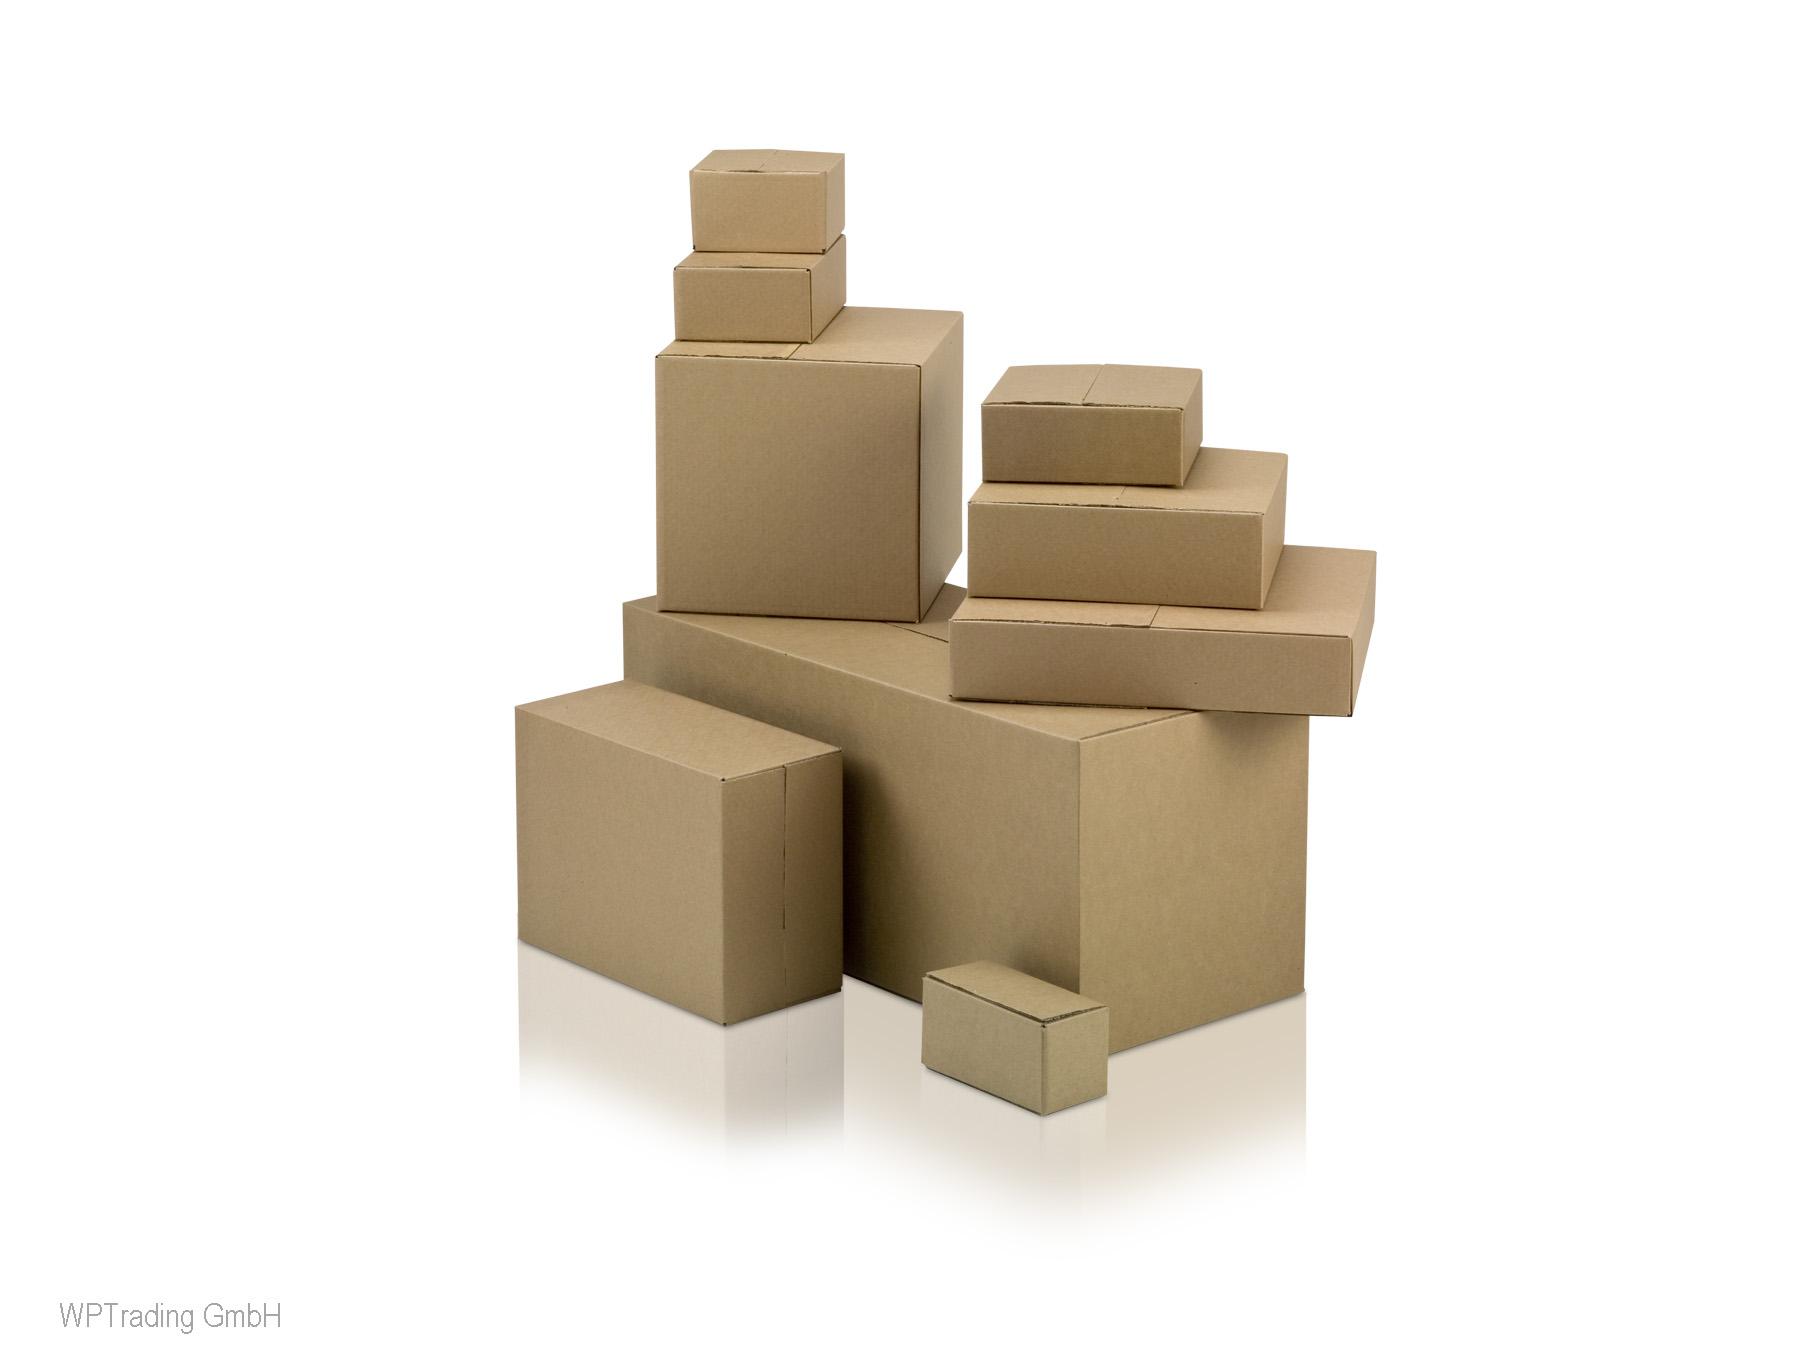 karton 185x125x85 mm g nstig kaufen bei ihr verpackungsmittelshop mit der grossen. Black Bedroom Furniture Sets. Home Design Ideas